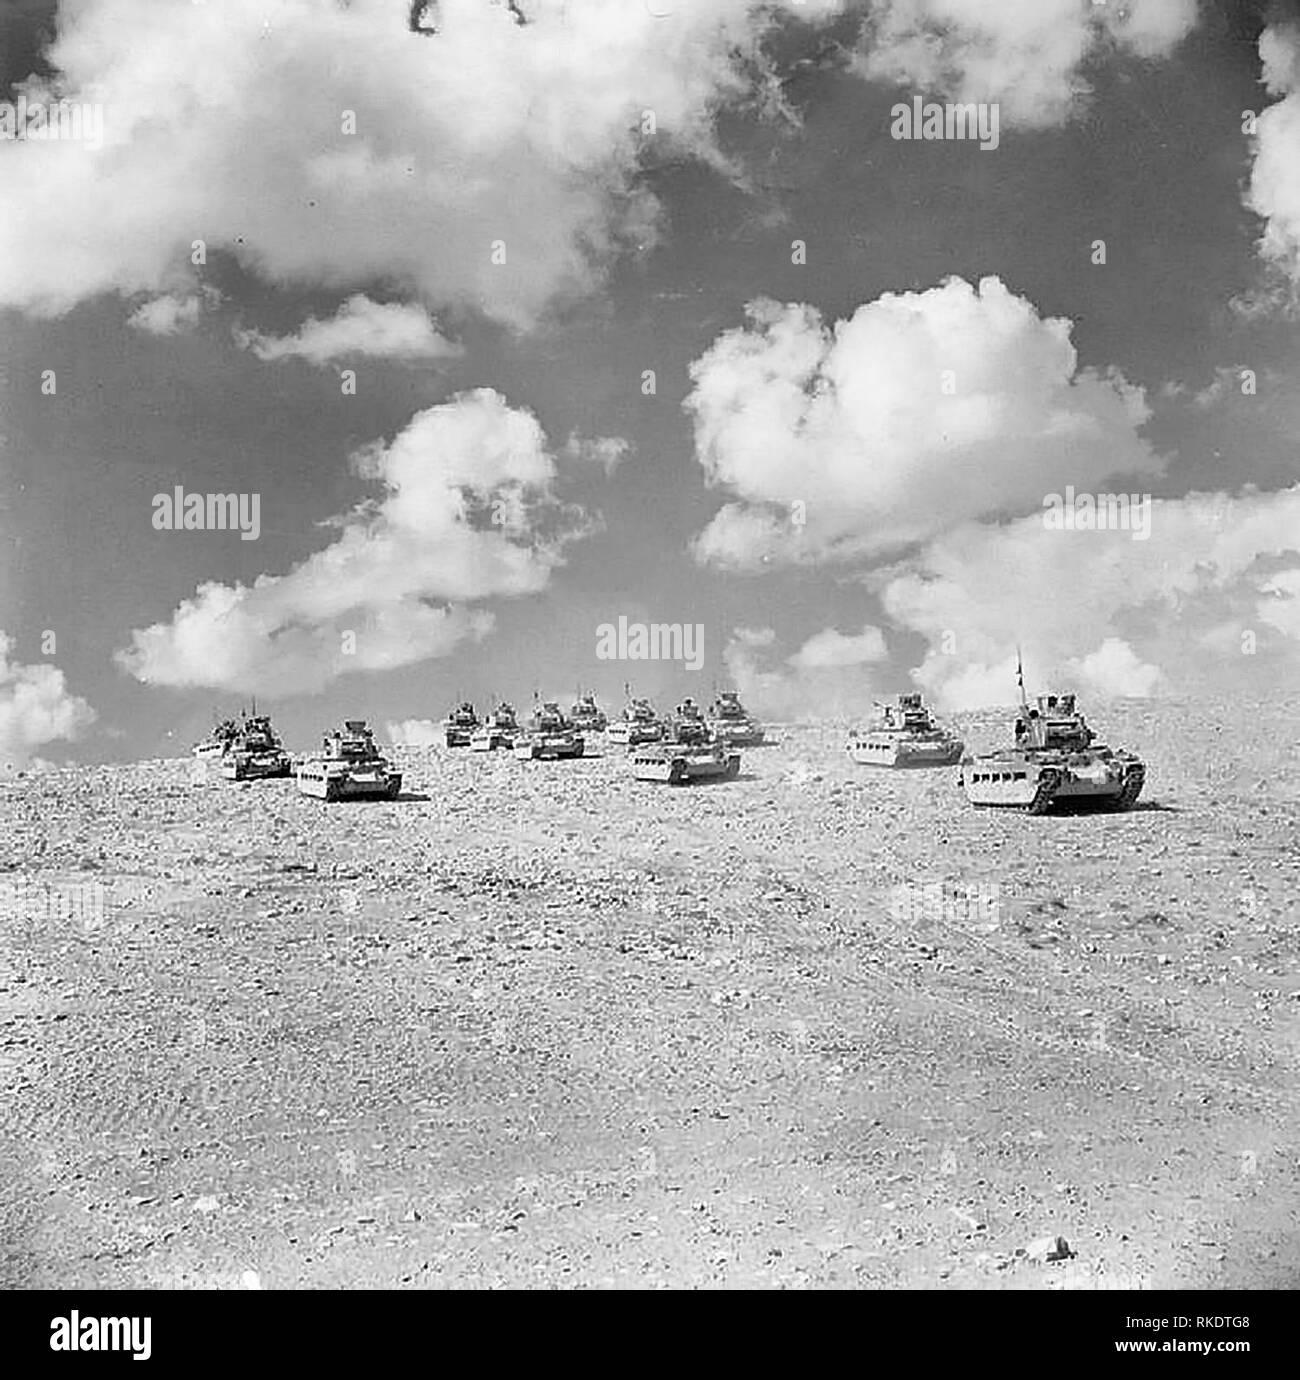 British Matilda tanks move forward at Tobruk - September, 1941 - Stock Image